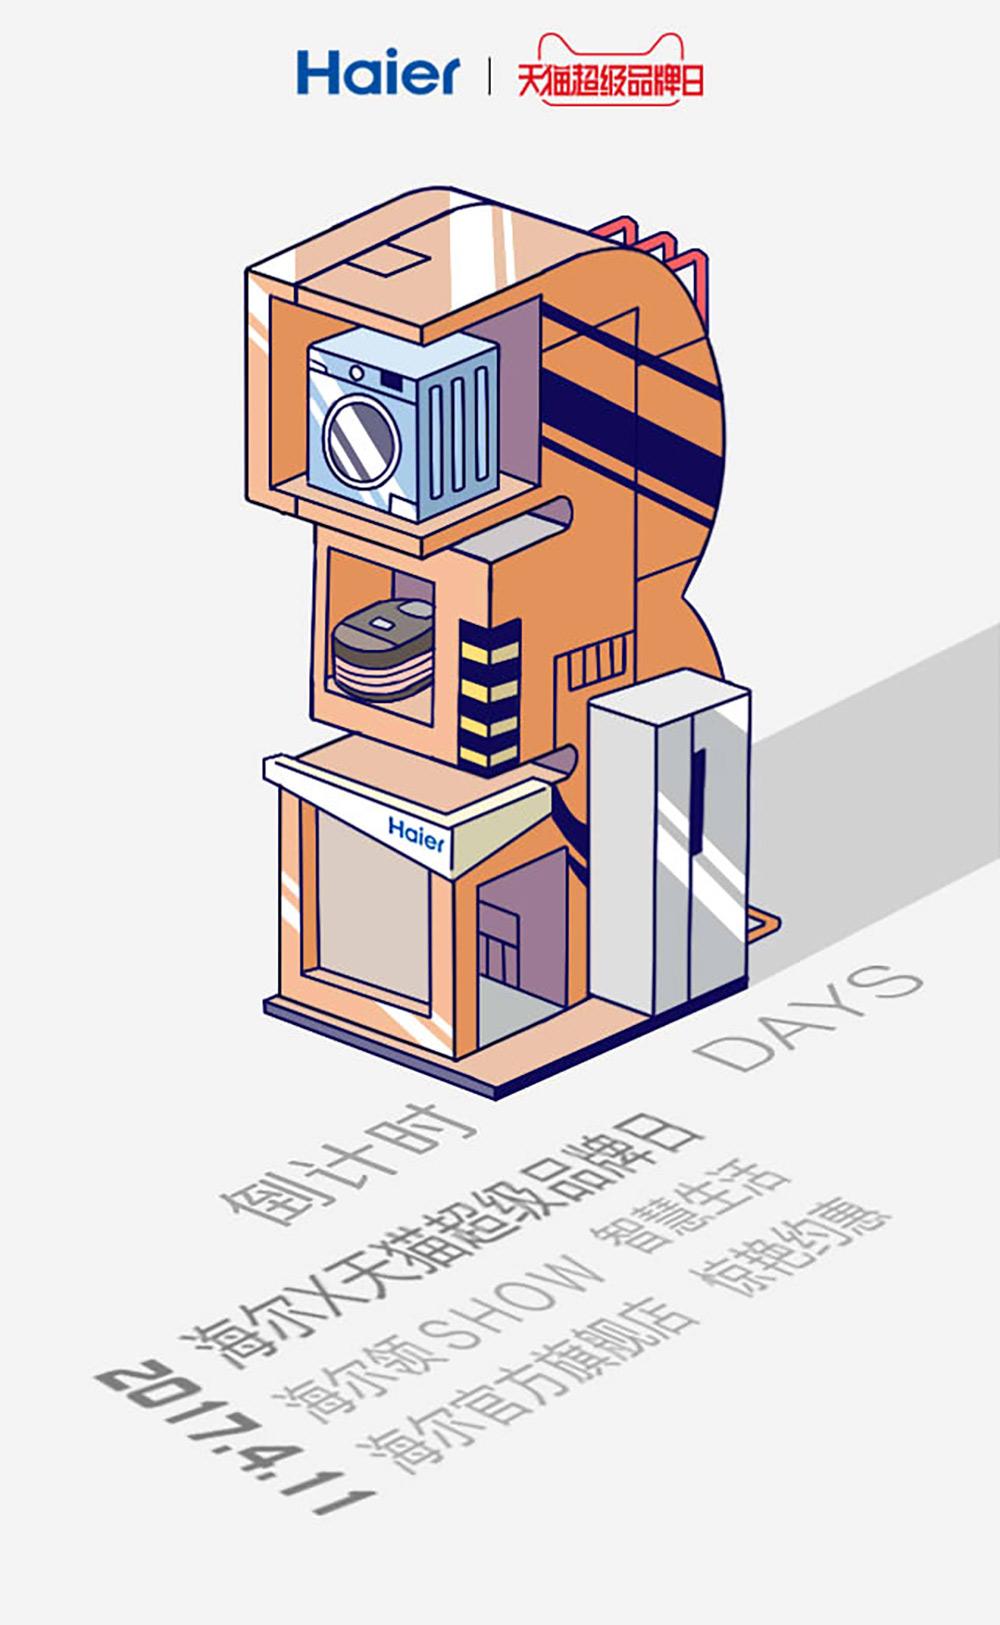 玩数字!12张倒计时营销海报